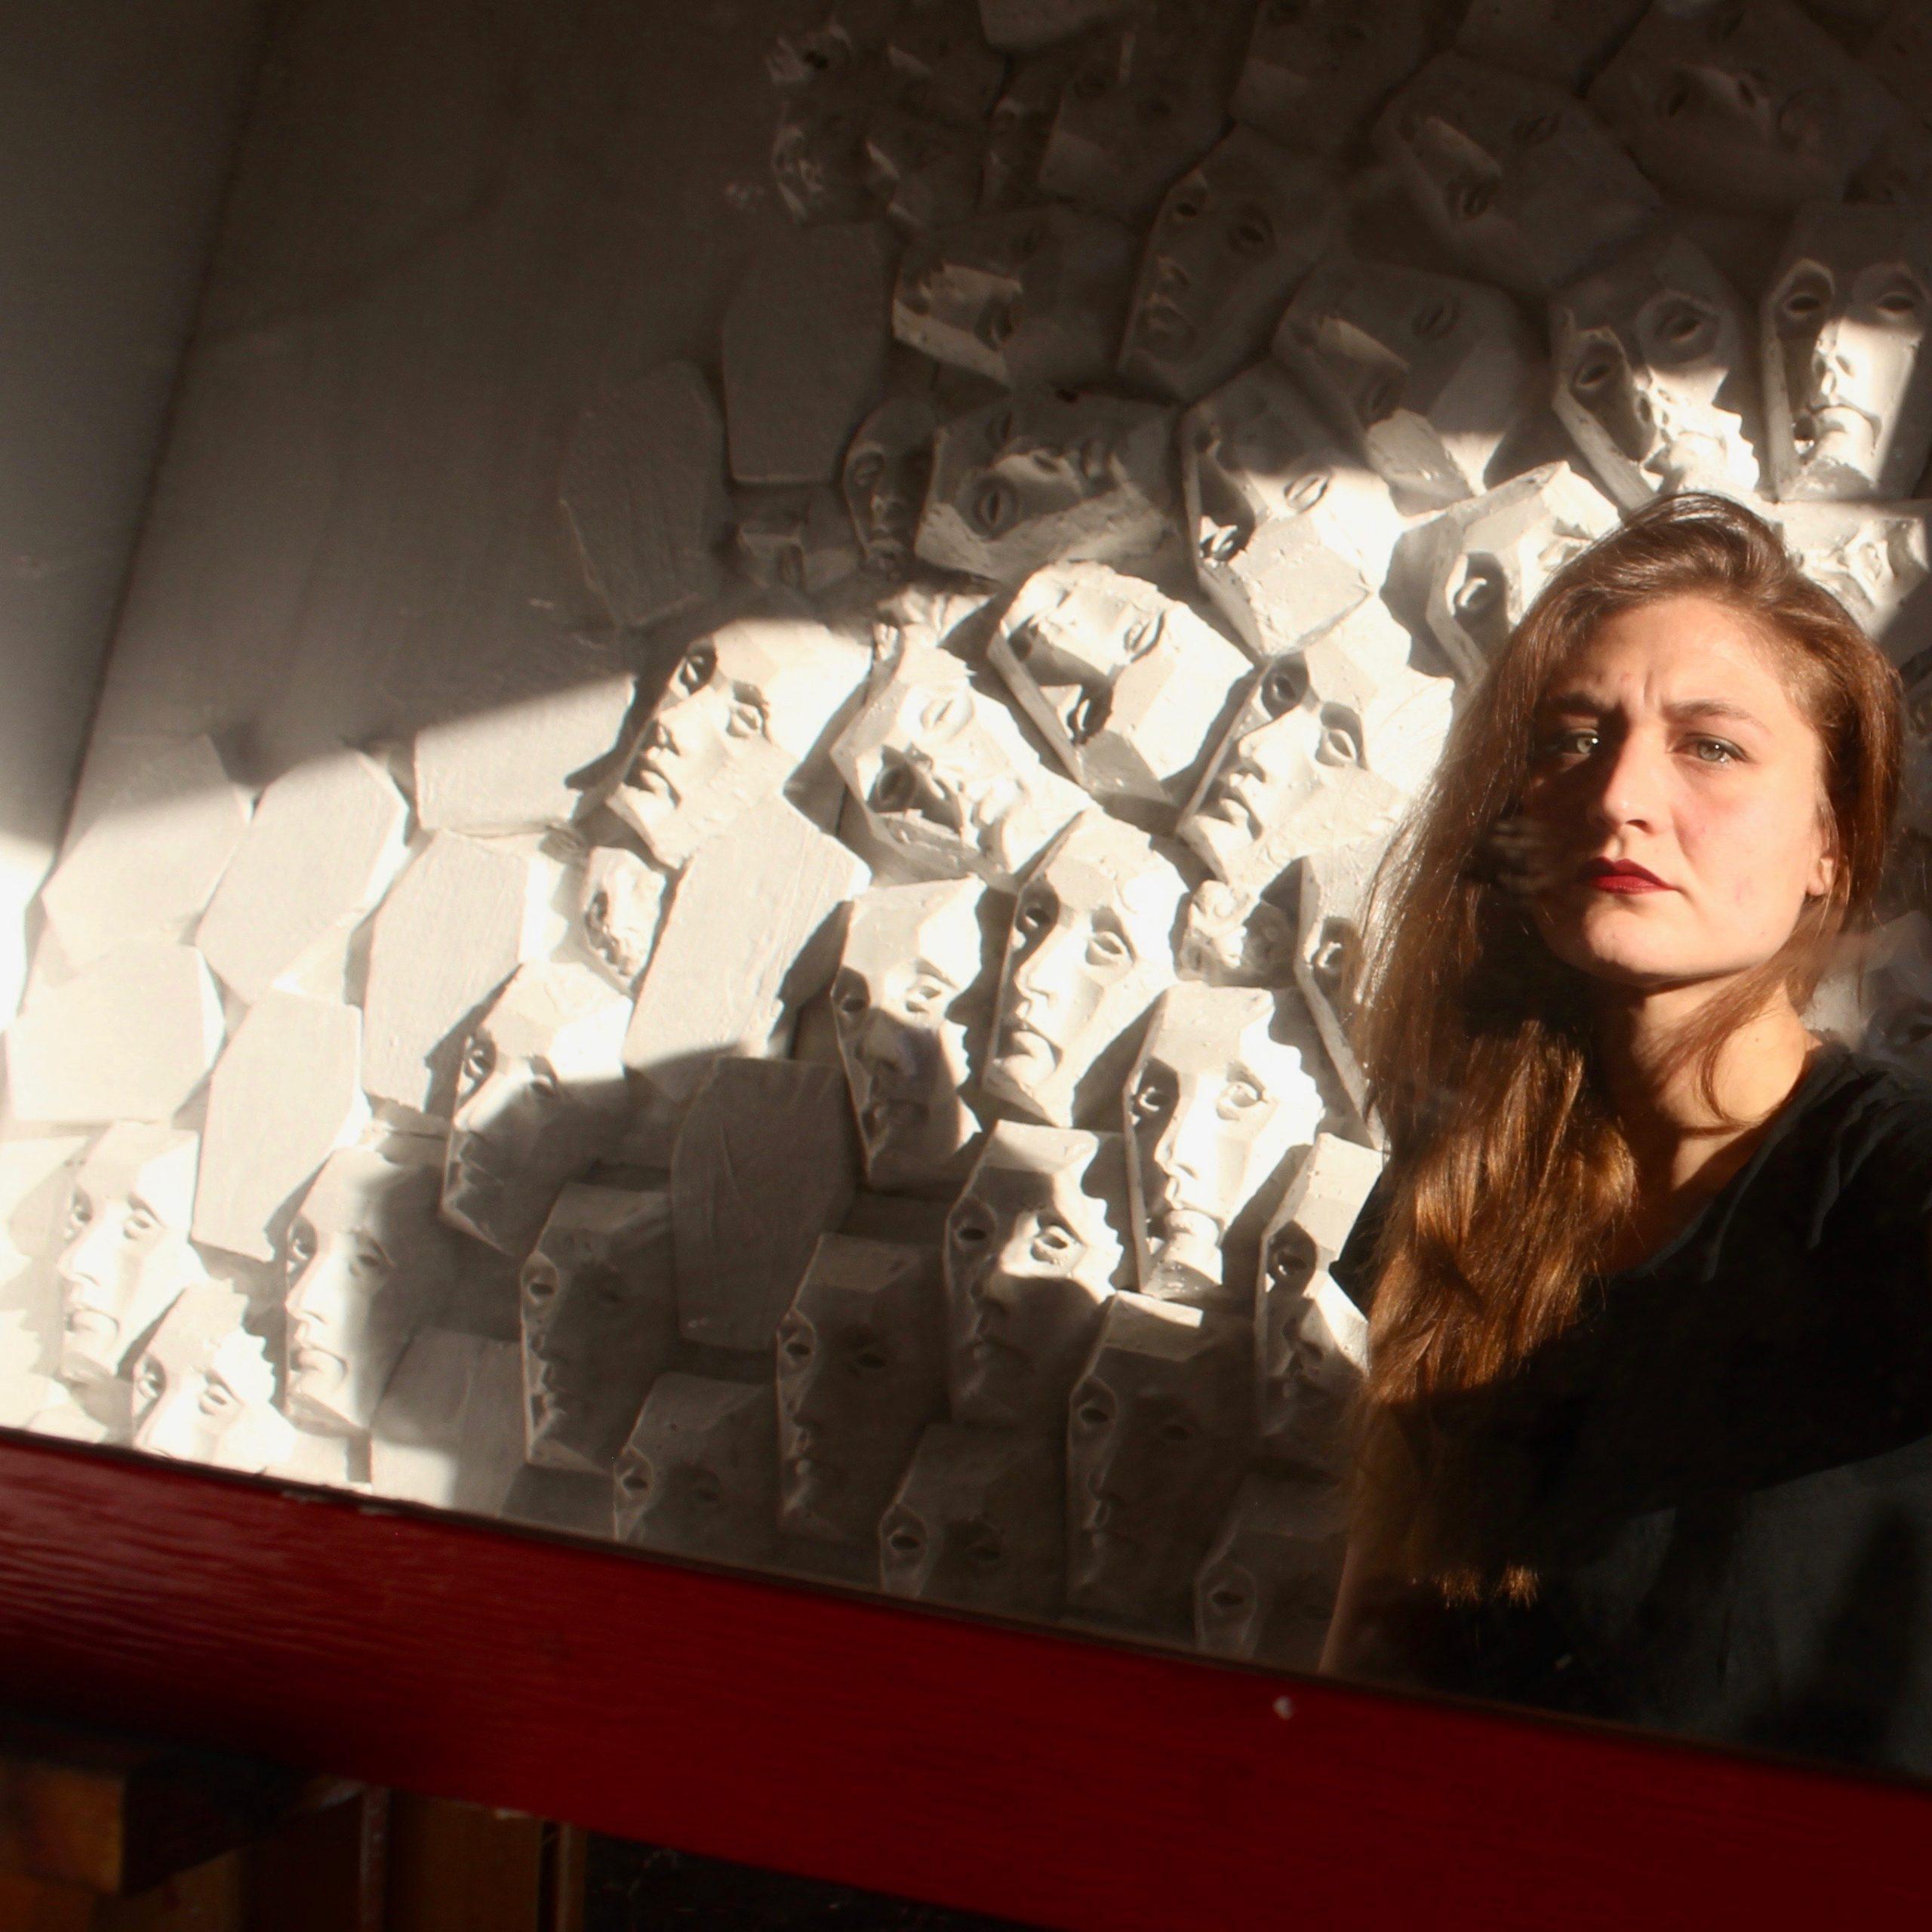 Ritratto e anamorfosi: intervista a Emilia Maria Chiara Petri